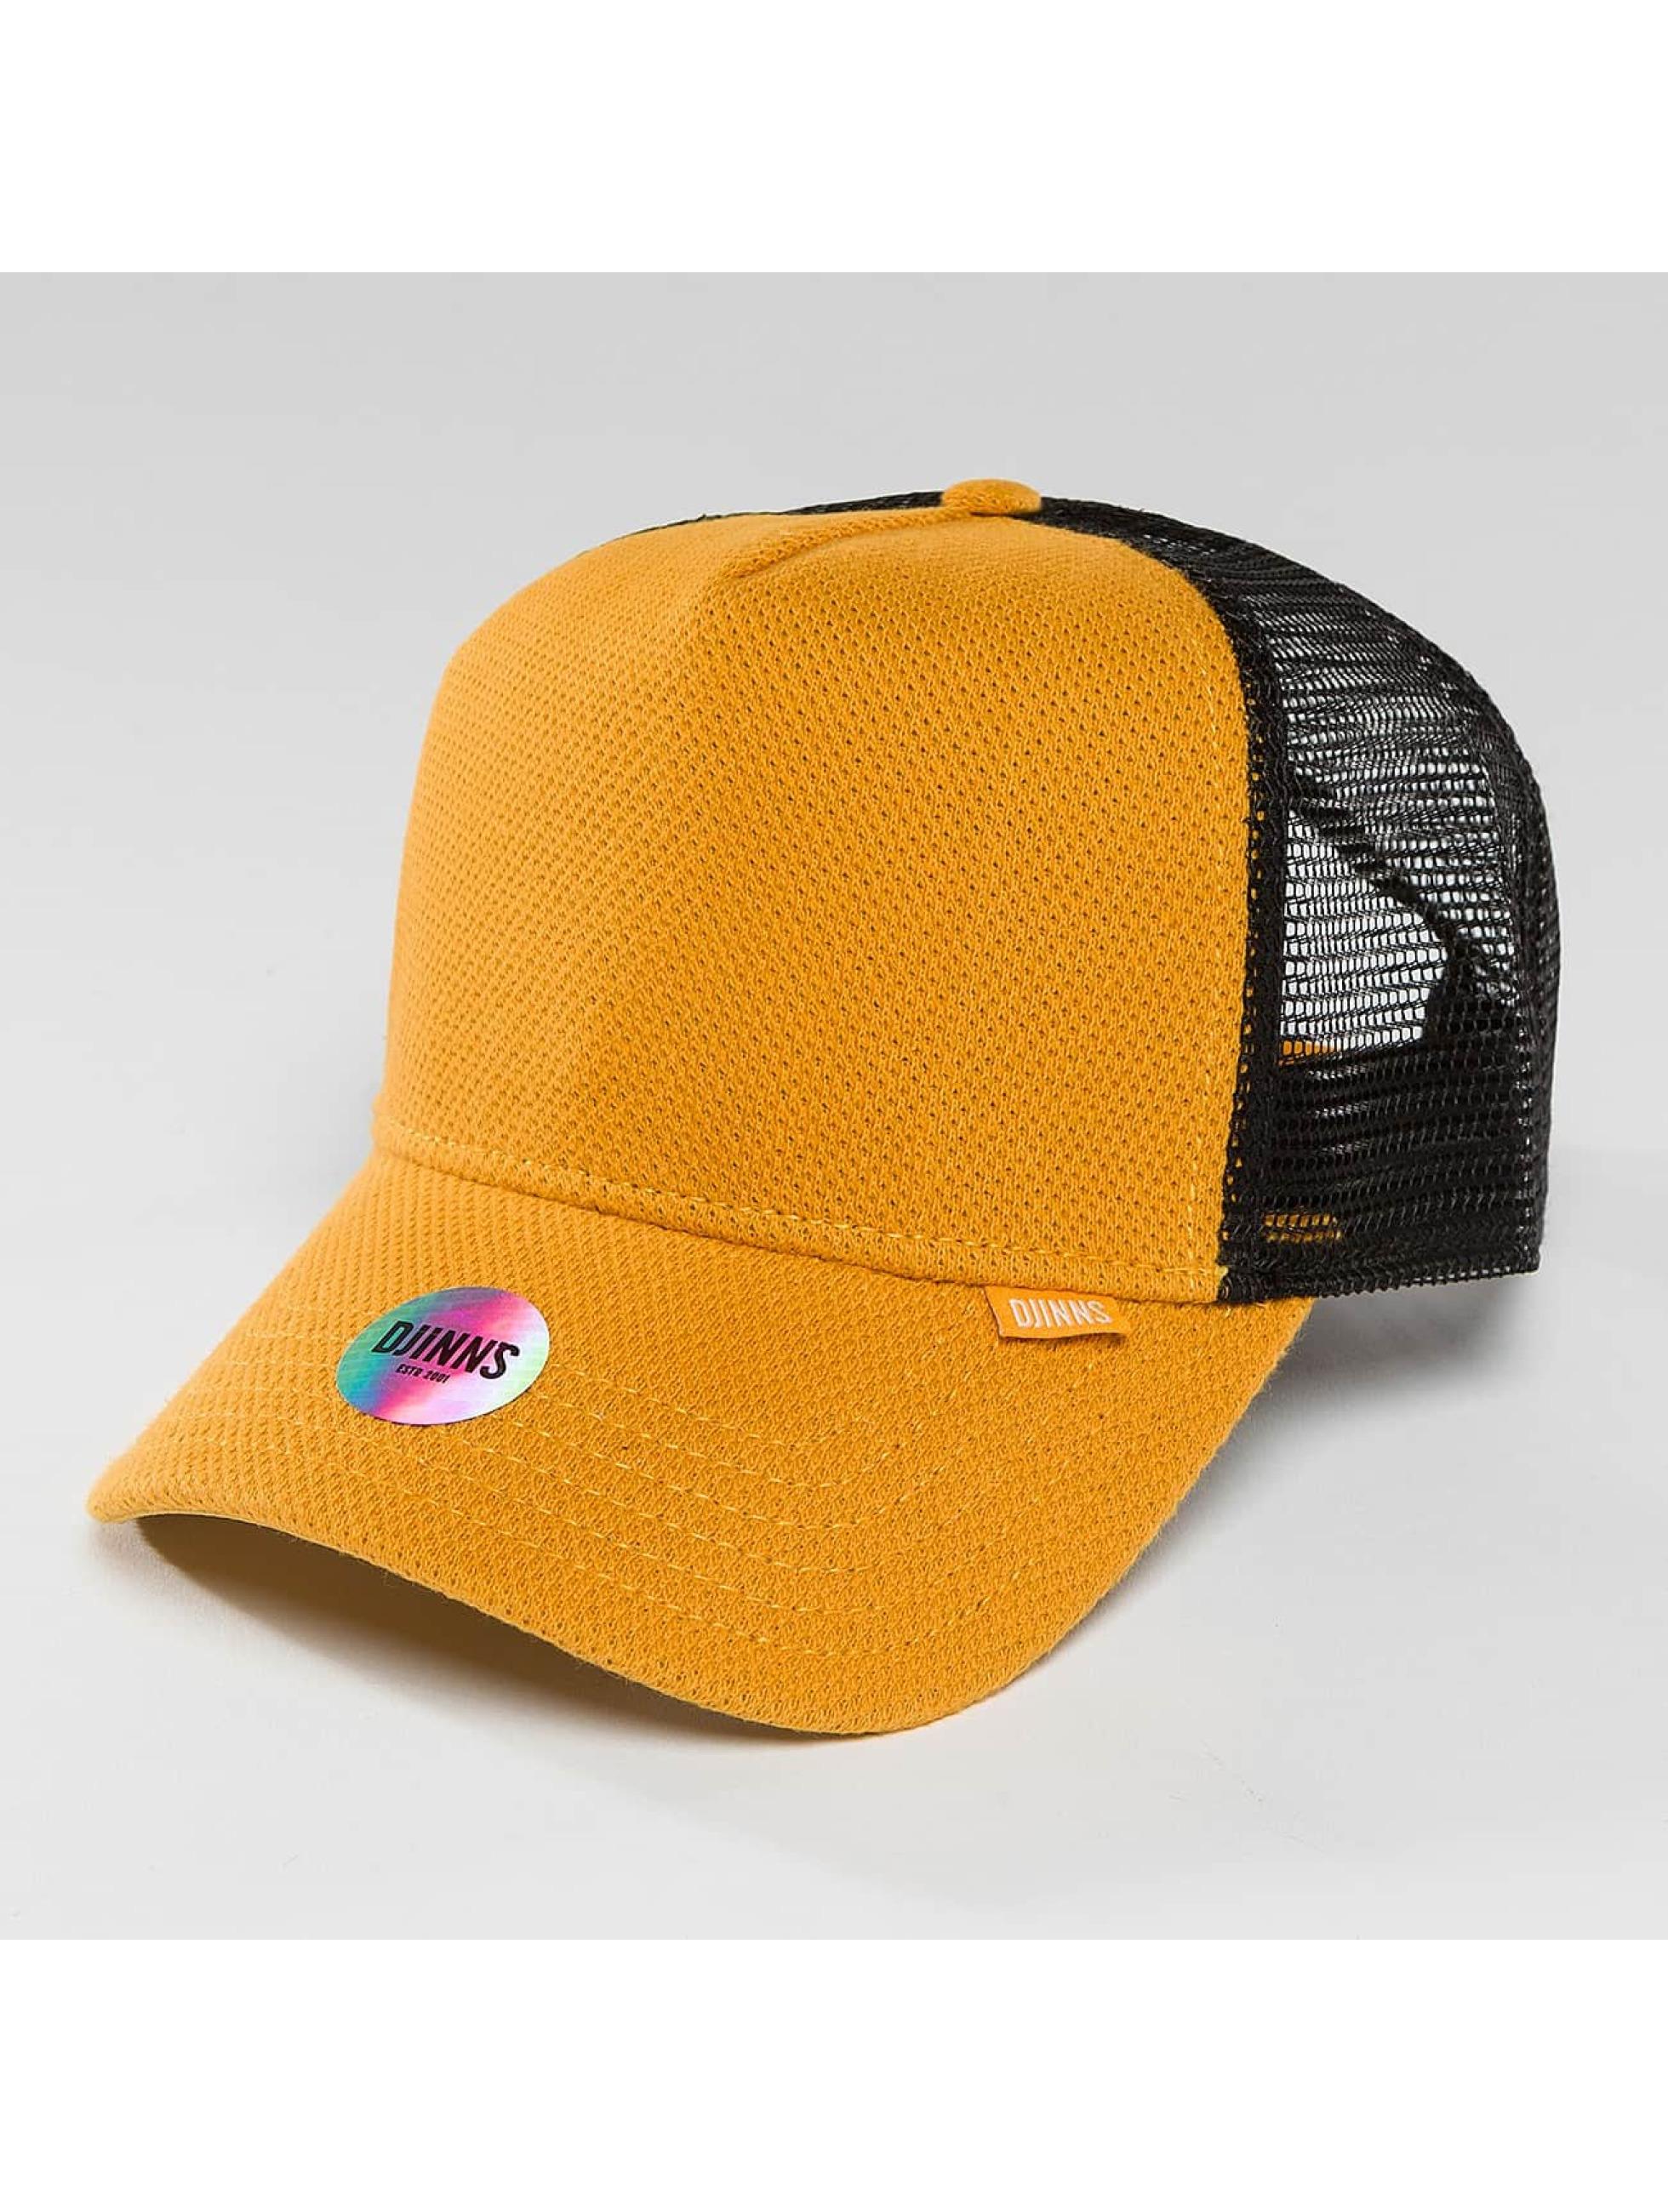 Djinns Verkkolippikset HFT Piki Leather keltainen